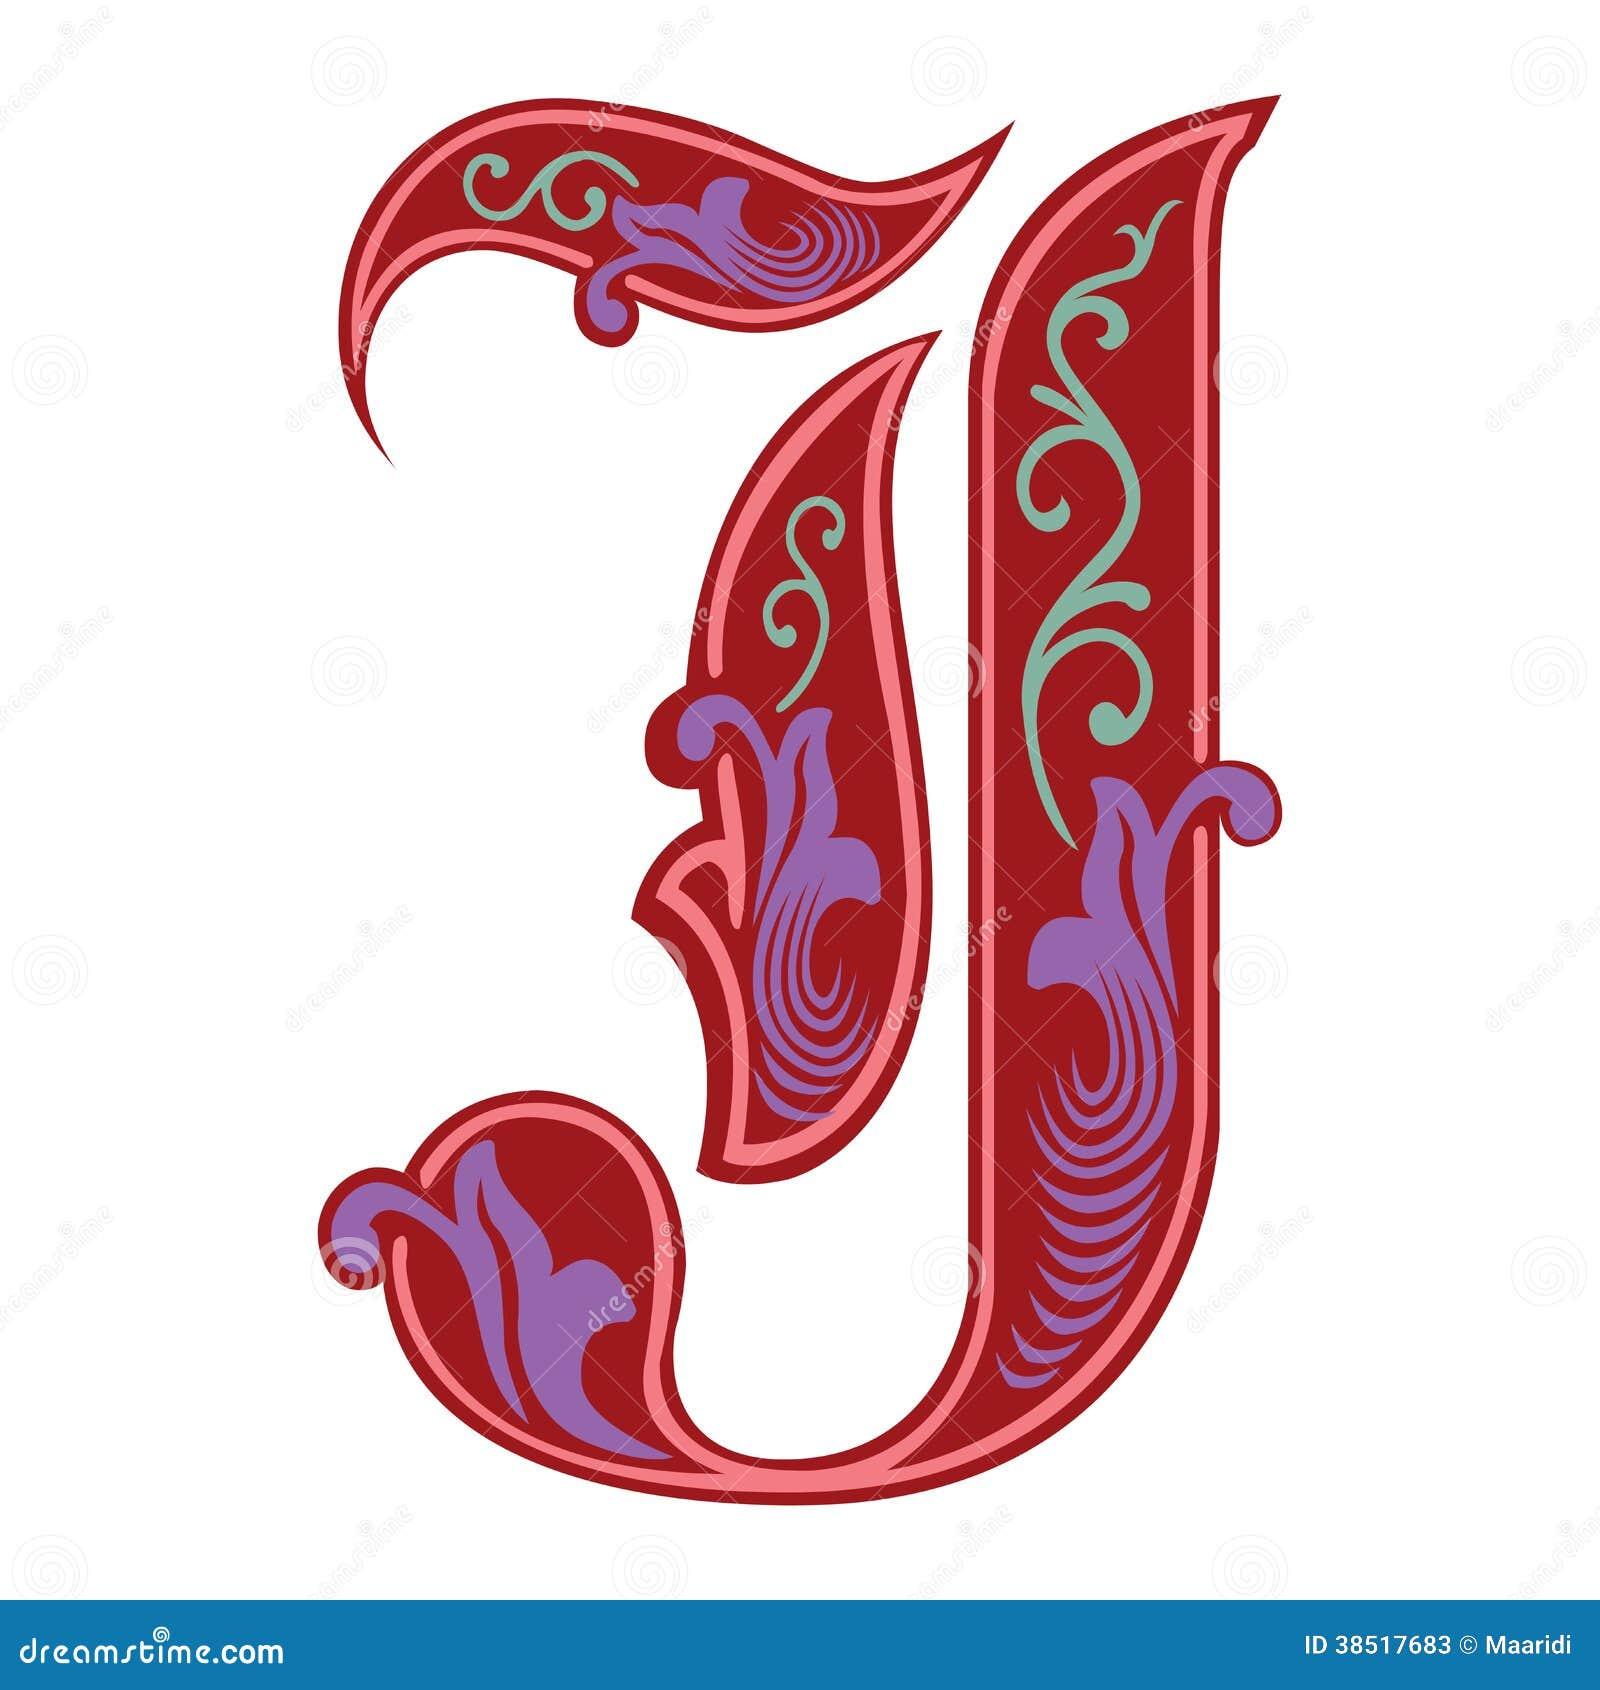 Garnished Gothic Style Font Letter J